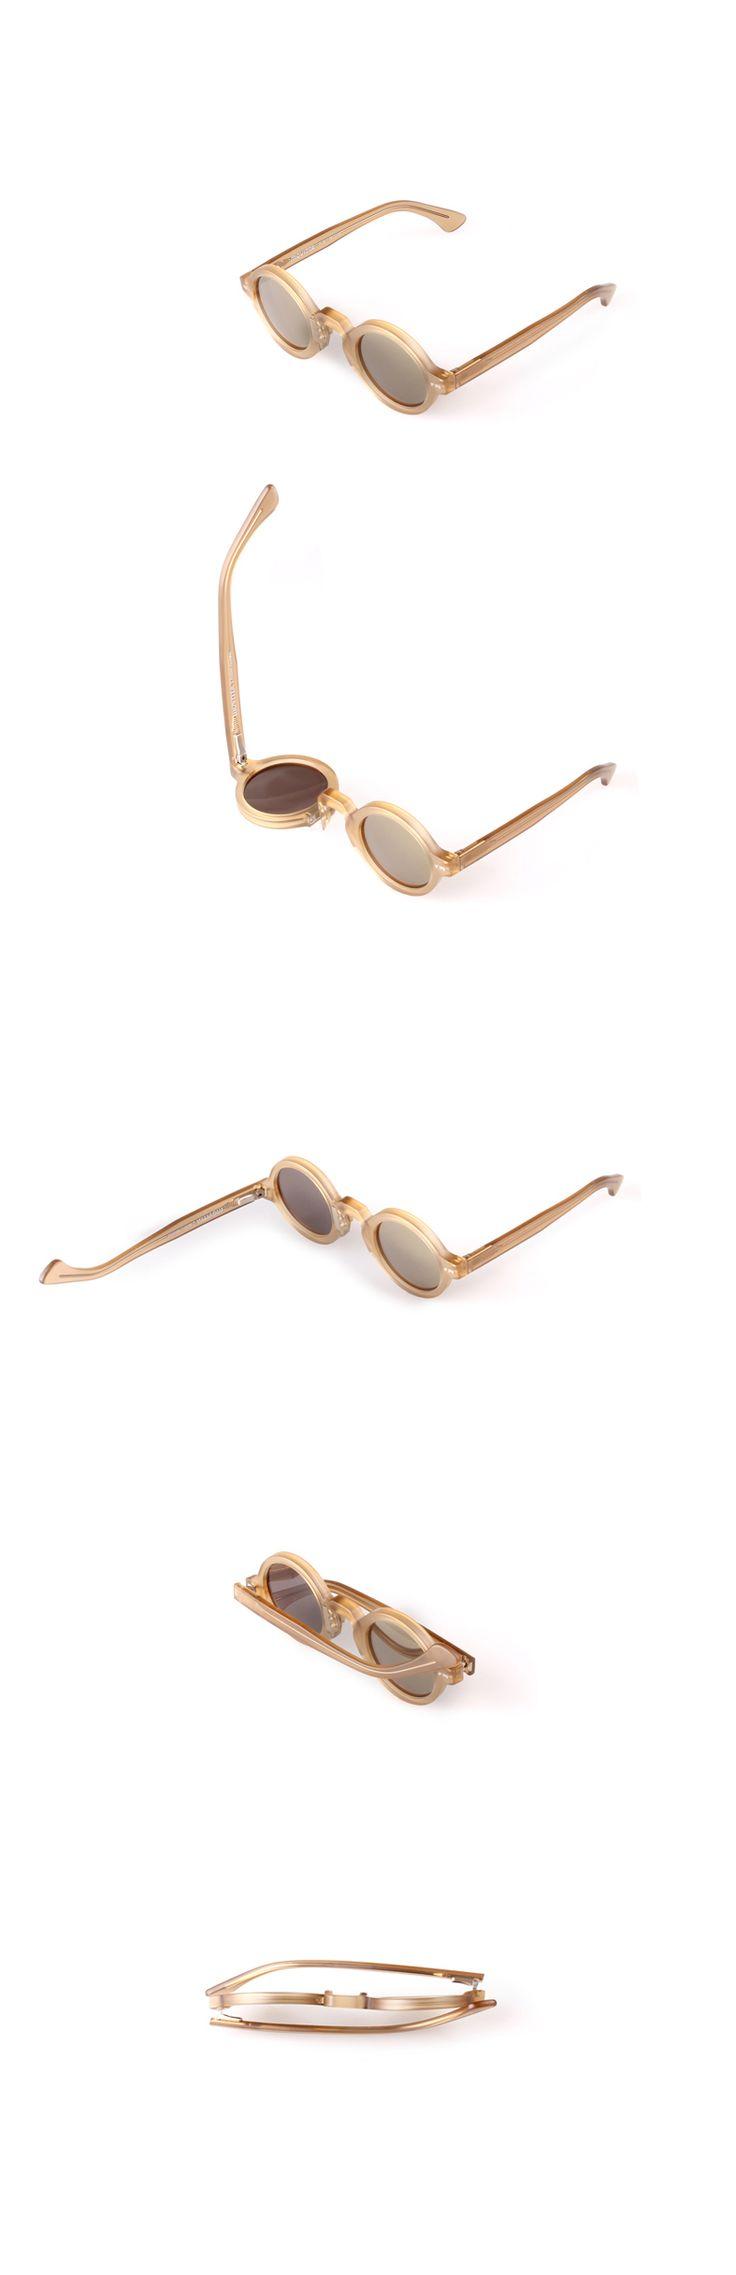 Movitra 215 - Cristallo miele con lente flash bronze #sunglasses #movitra #movitraspectacles #spectacles #glasses #eyewear